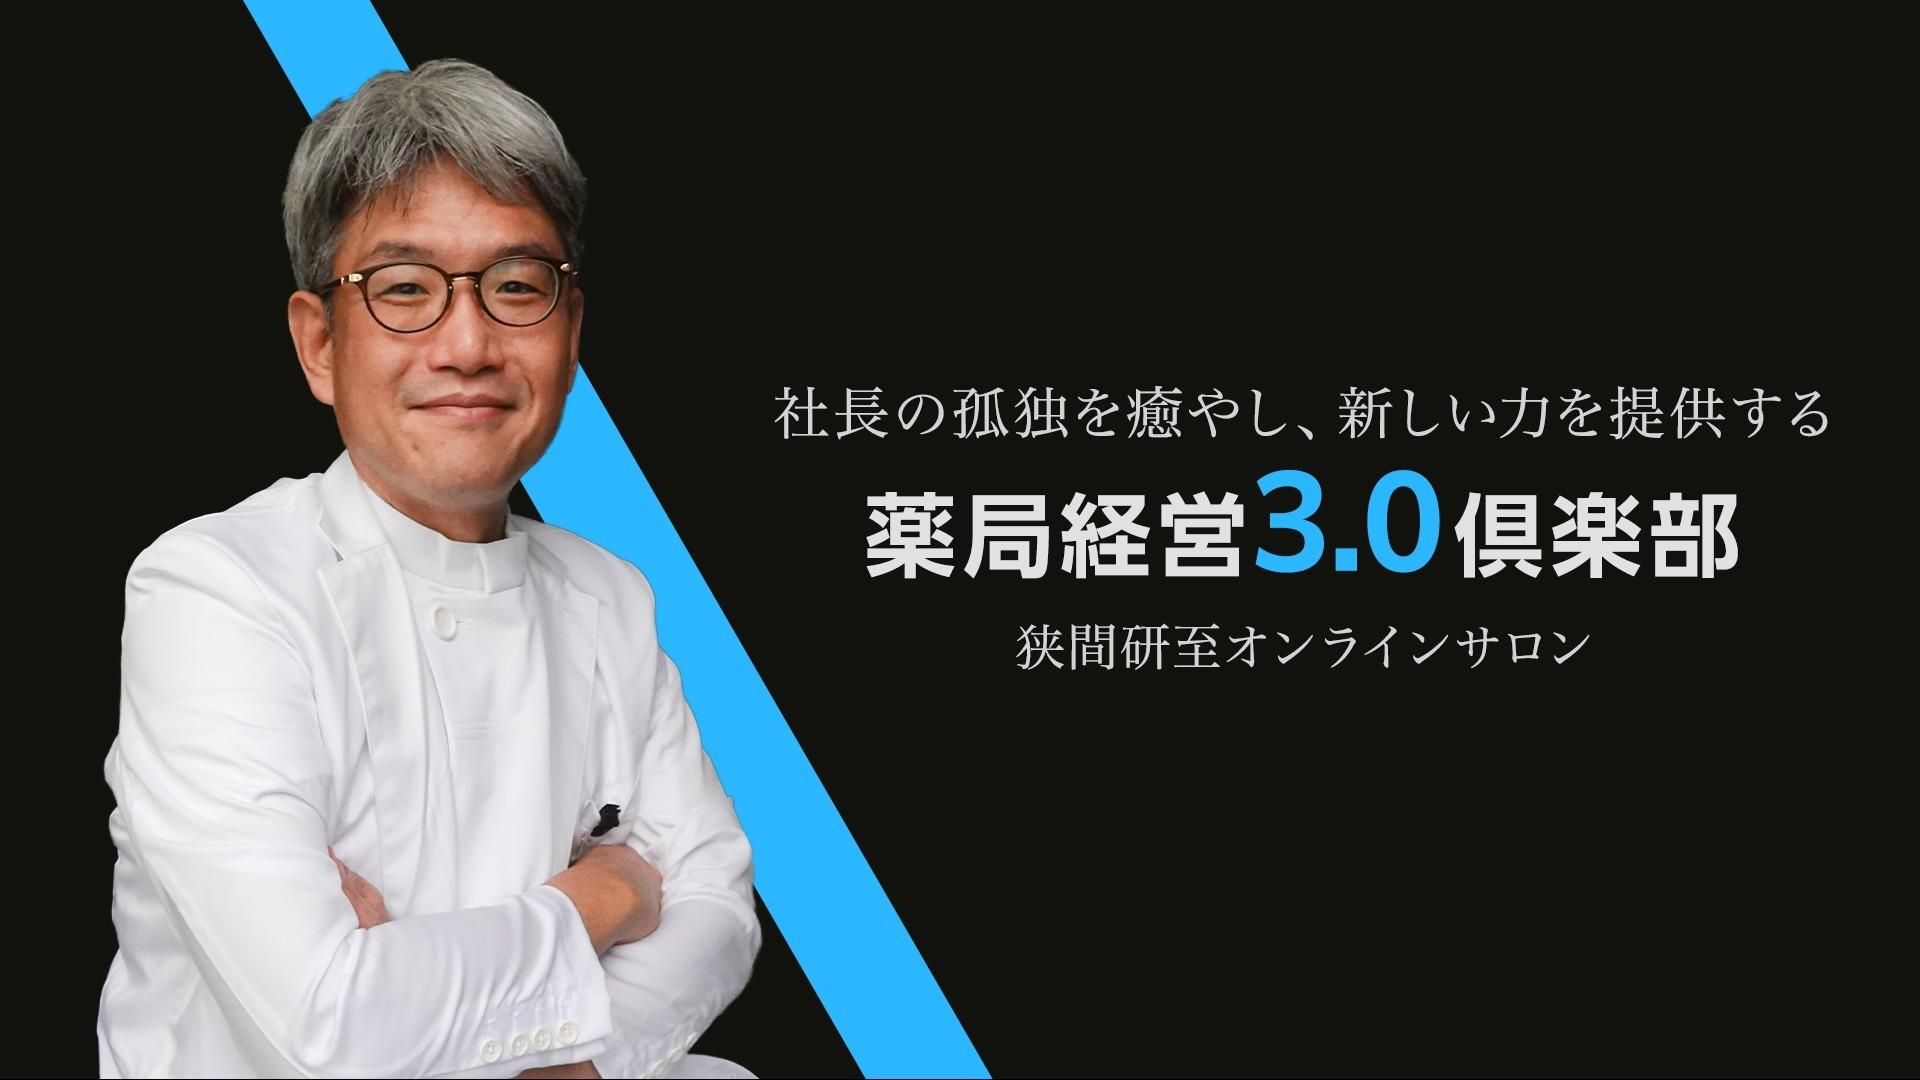 狭間研至 薬局経営3.0俱楽部